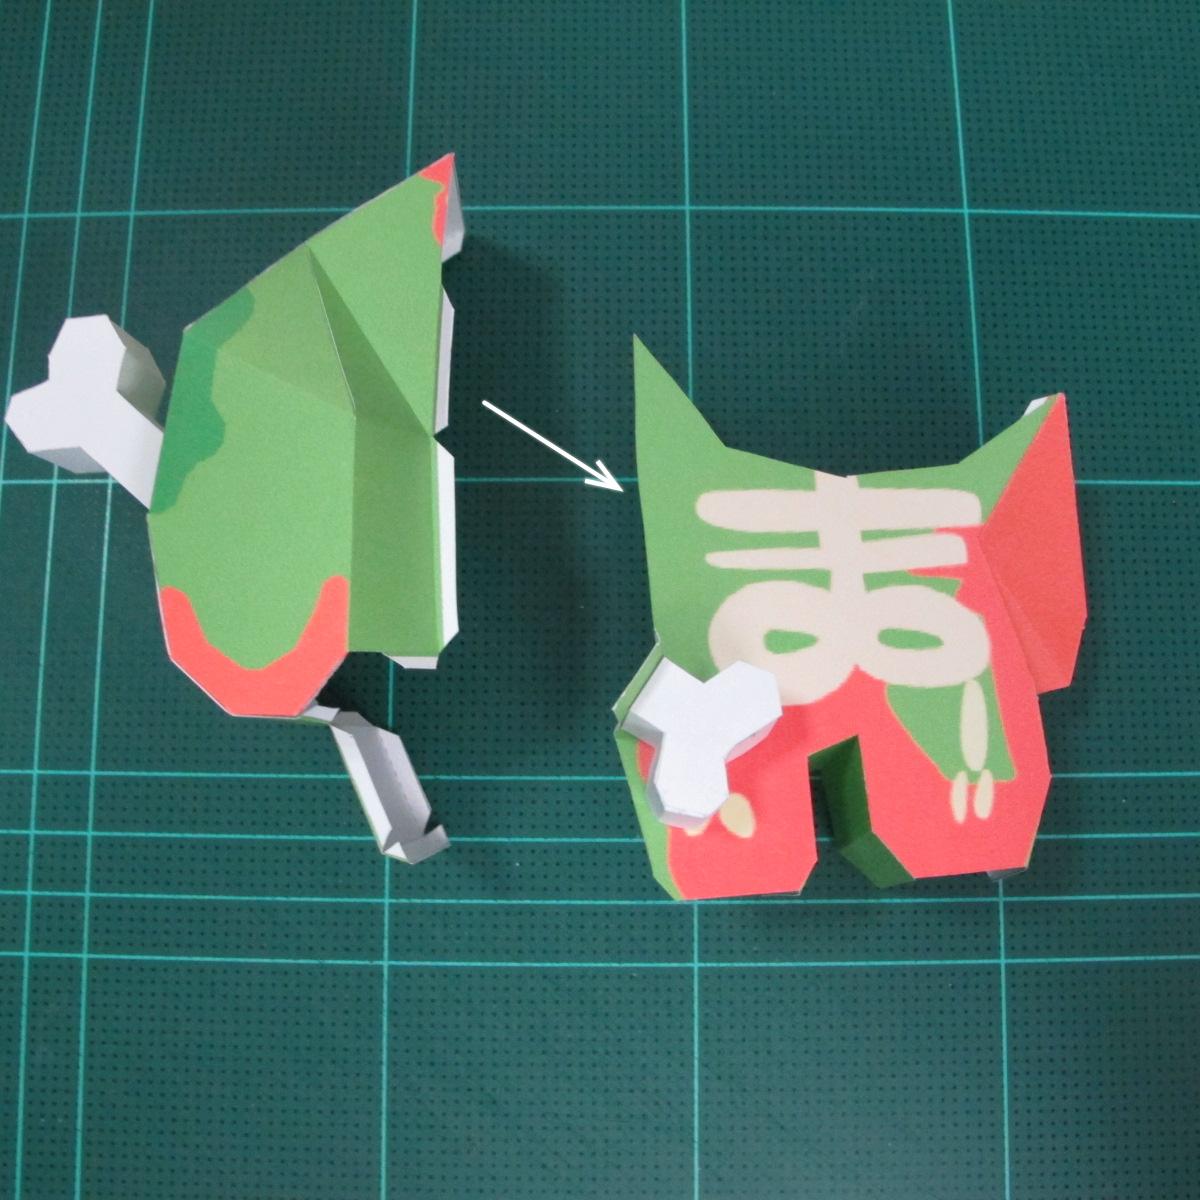 วิธีทำโมเดลกระดาษตุ้กตา คุกกี้ รัน คุกกี้รสซอมบี้ (LINE Cookie Run Zombie Cookie Papercraft Model) 021